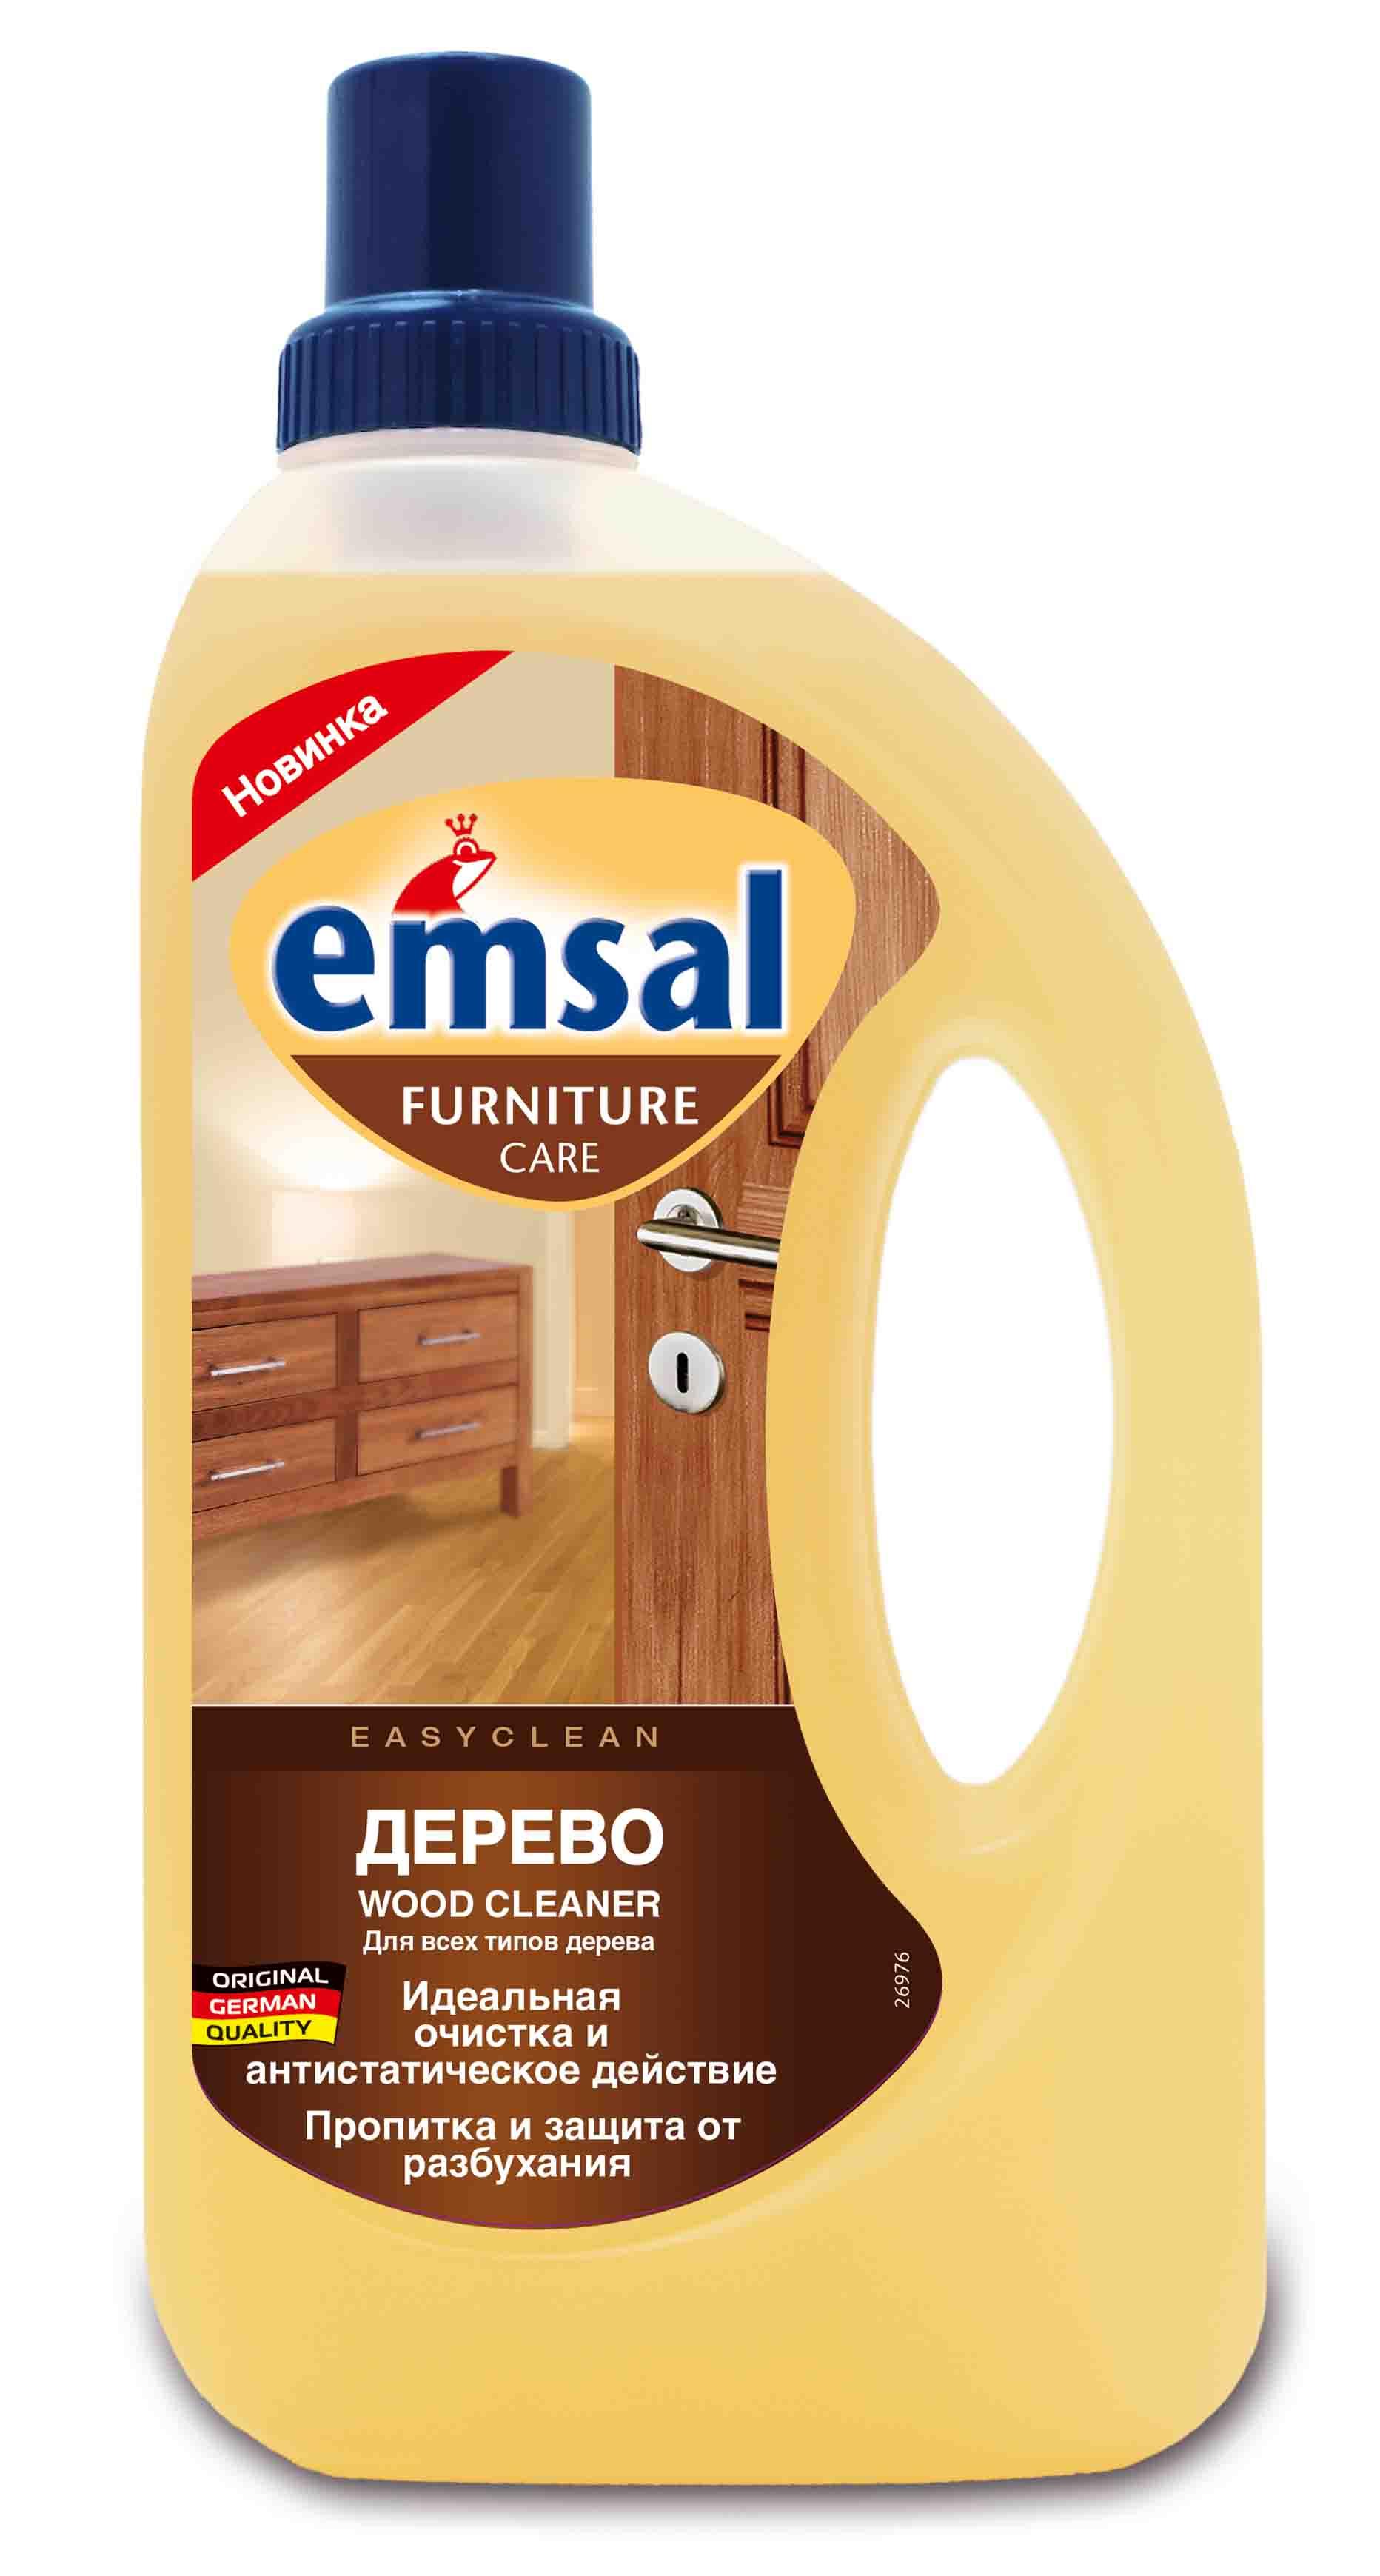 Средство для чистки деревянных поверхностей Emsal, 750 мл506948Чистящее средство Emsal идеально подходит для мягкого очищения и ухода за всеми моющимися деревянными поверхностями во всем доме: деревянными полами, деревянными рейками, деревянными дверями, мебелью, подоконниками, а также кухонными элементами. Подходит как для светлой, так и для темной древесины Уникальная рецептура с антистатической формулой не только удаляет трудновыводимую грязь и пятна,но и дольше оберегает вашу деревянную мебель от пыли. Благодаря льняному маслу, средство освежает цвет дерева, бережно ухаживает за ним, придает естественный блеск без наслоений. Характеристики:Объем: 750 мл. Производитель: Германия.Уважаемые клиенты!Обращаем ваше внимание на возможные изменения в дизайне упаковки. Качественные характеристики товара остаются неизменными. Поставка осуществляется в зависимости от наличия на складе.